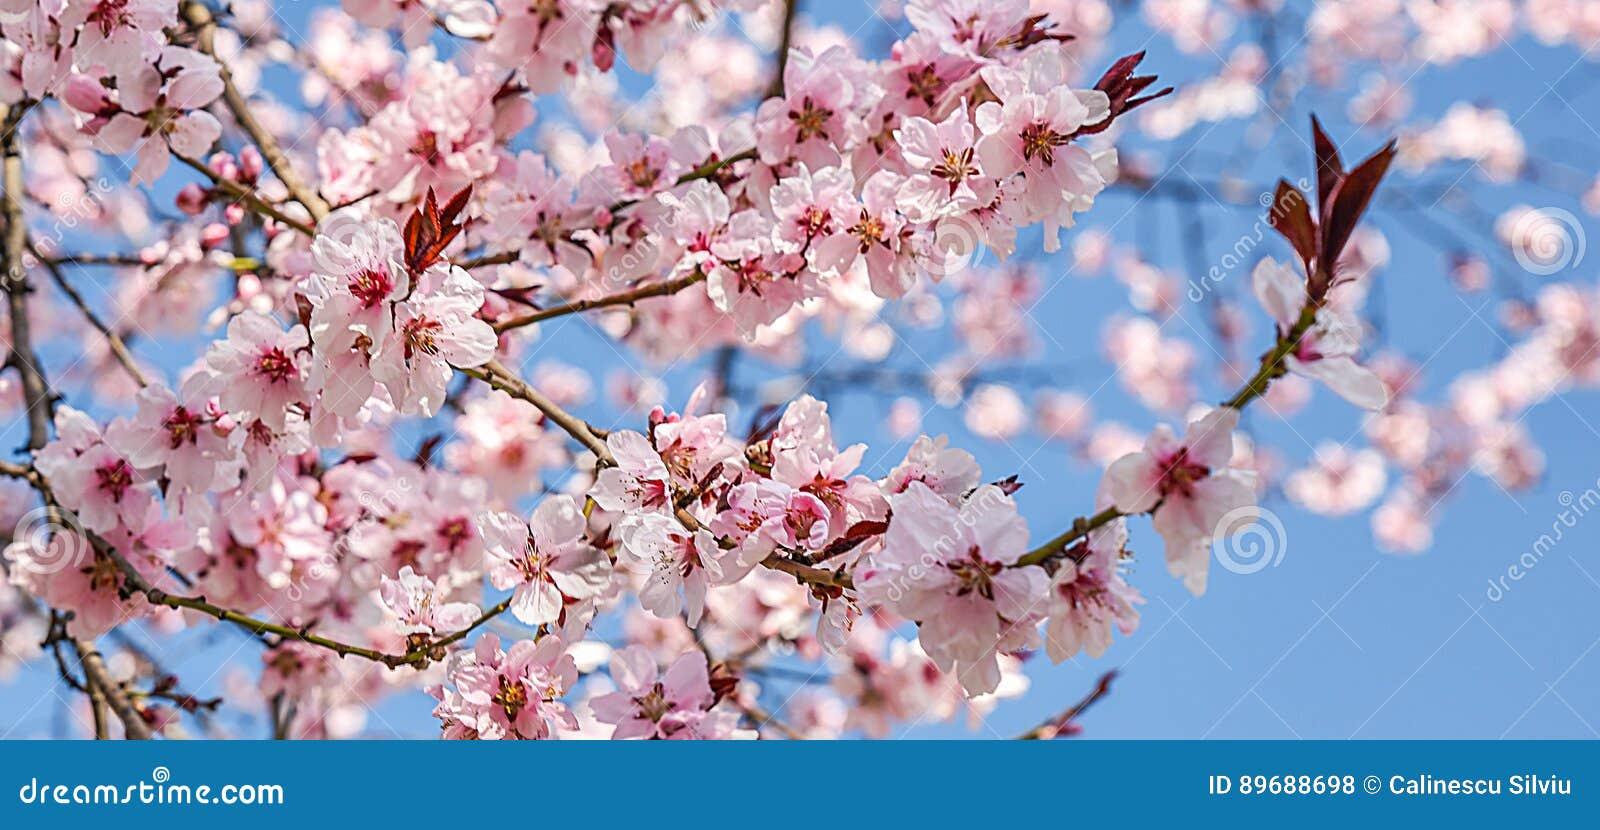 Seasonal spring flowers trees background